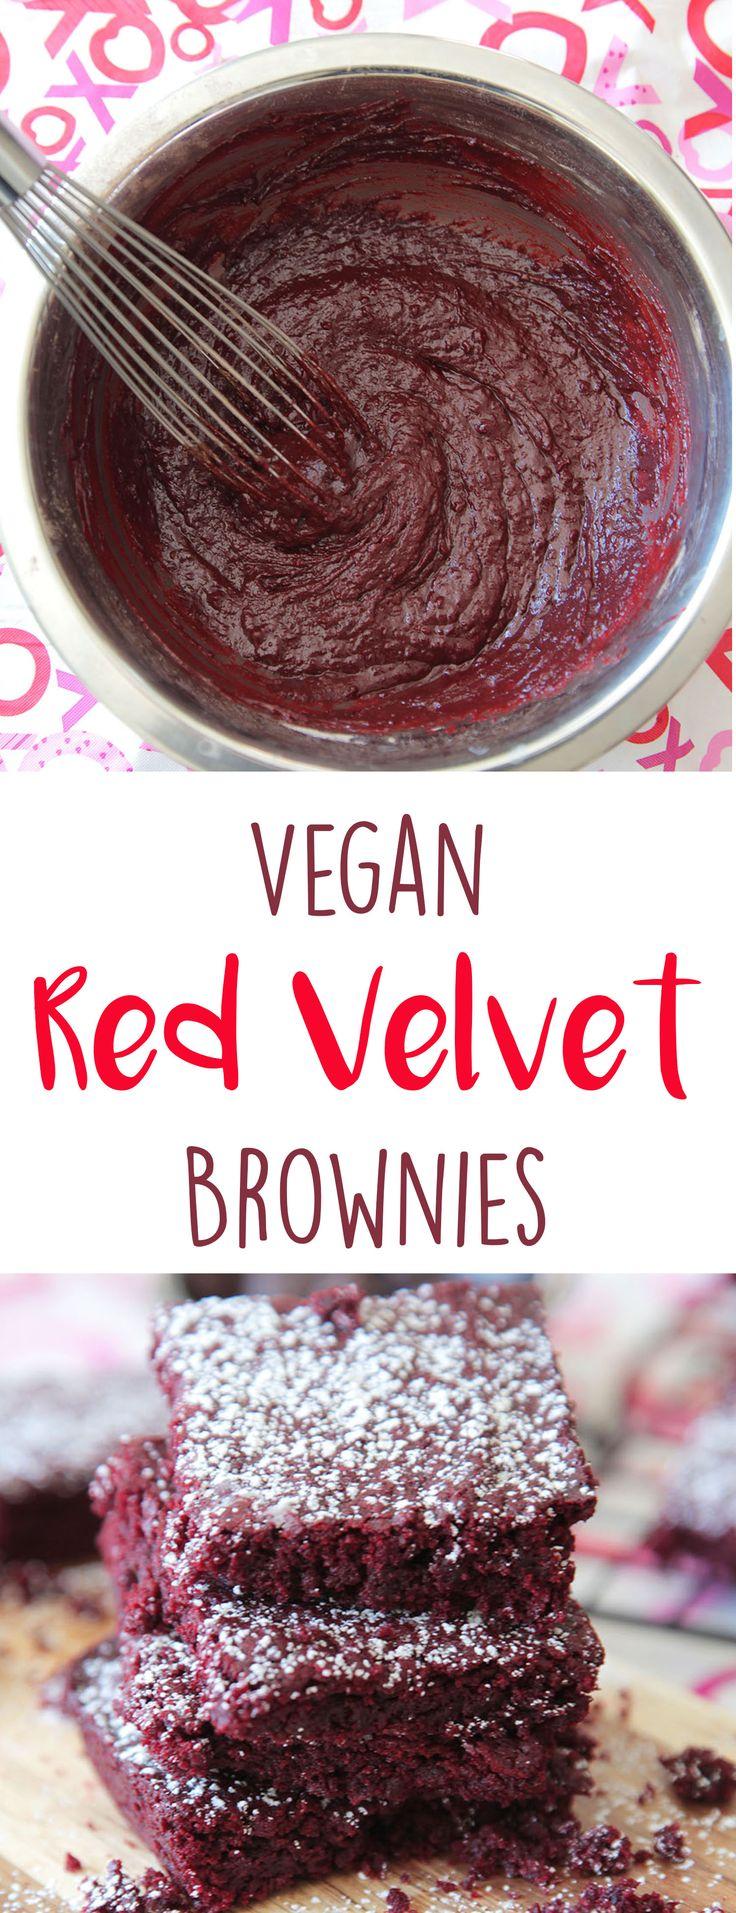 Best 25+ Vegan red velvet cake ideas on Pinterest